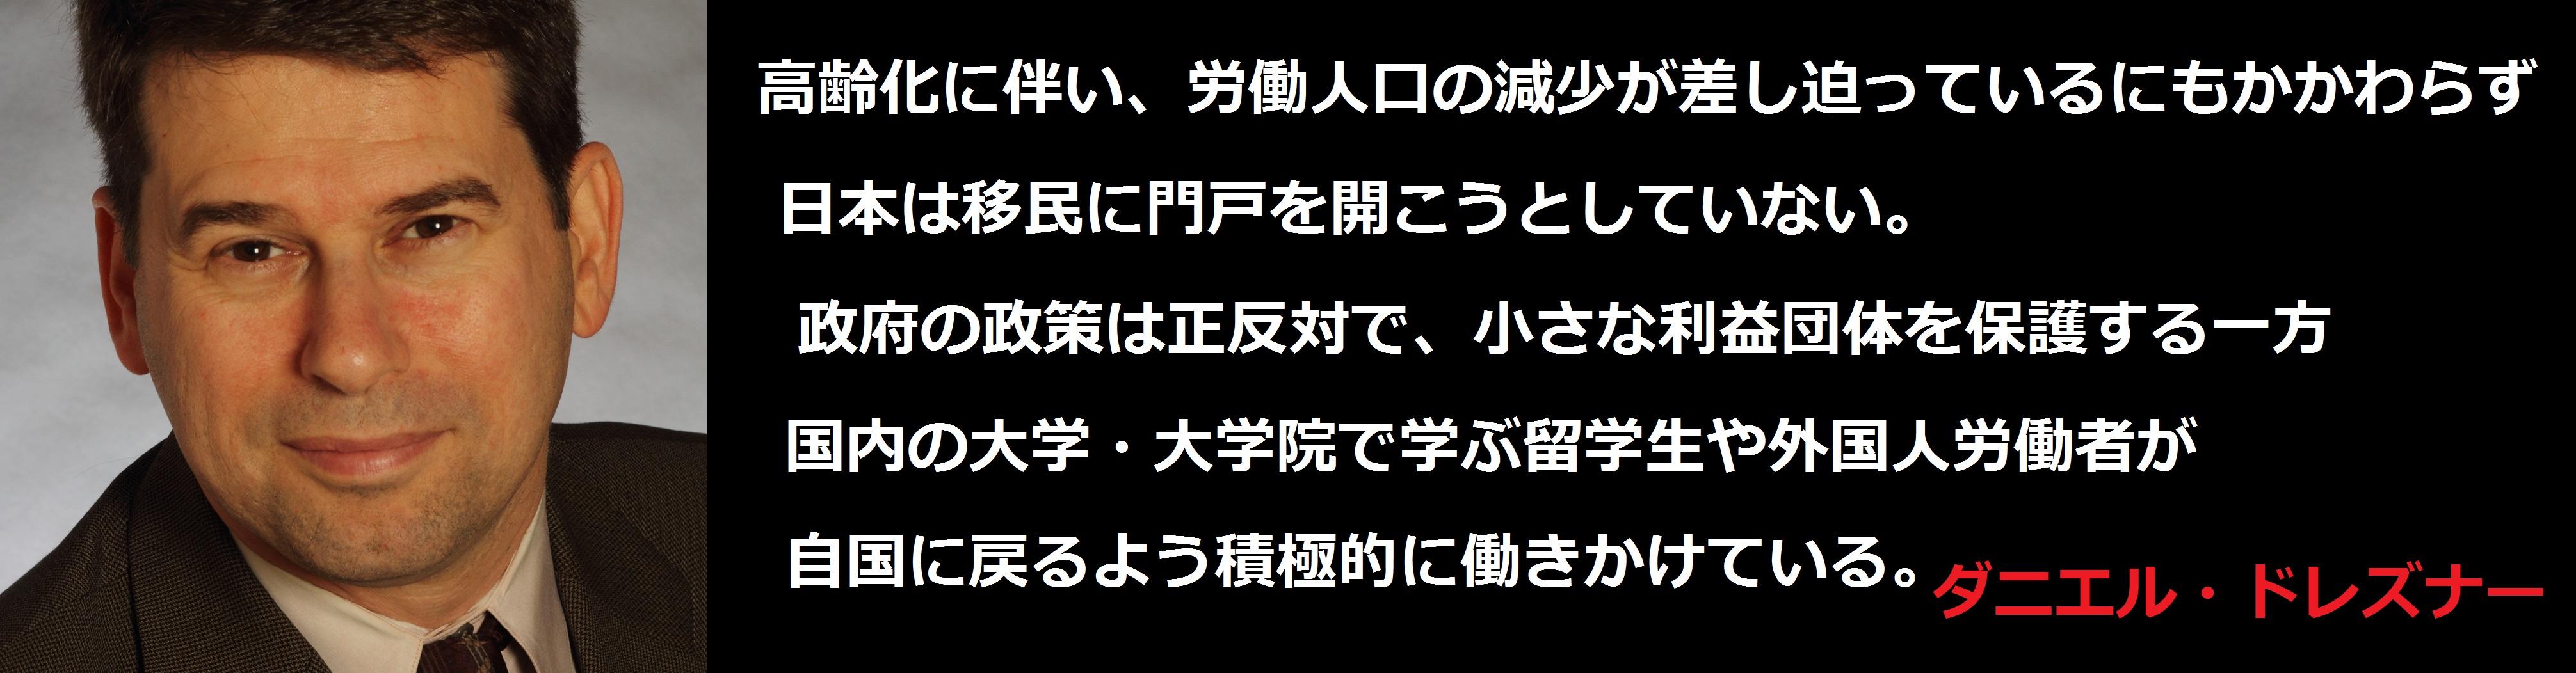 f:id:JAPbuster:20170224161714j:plain